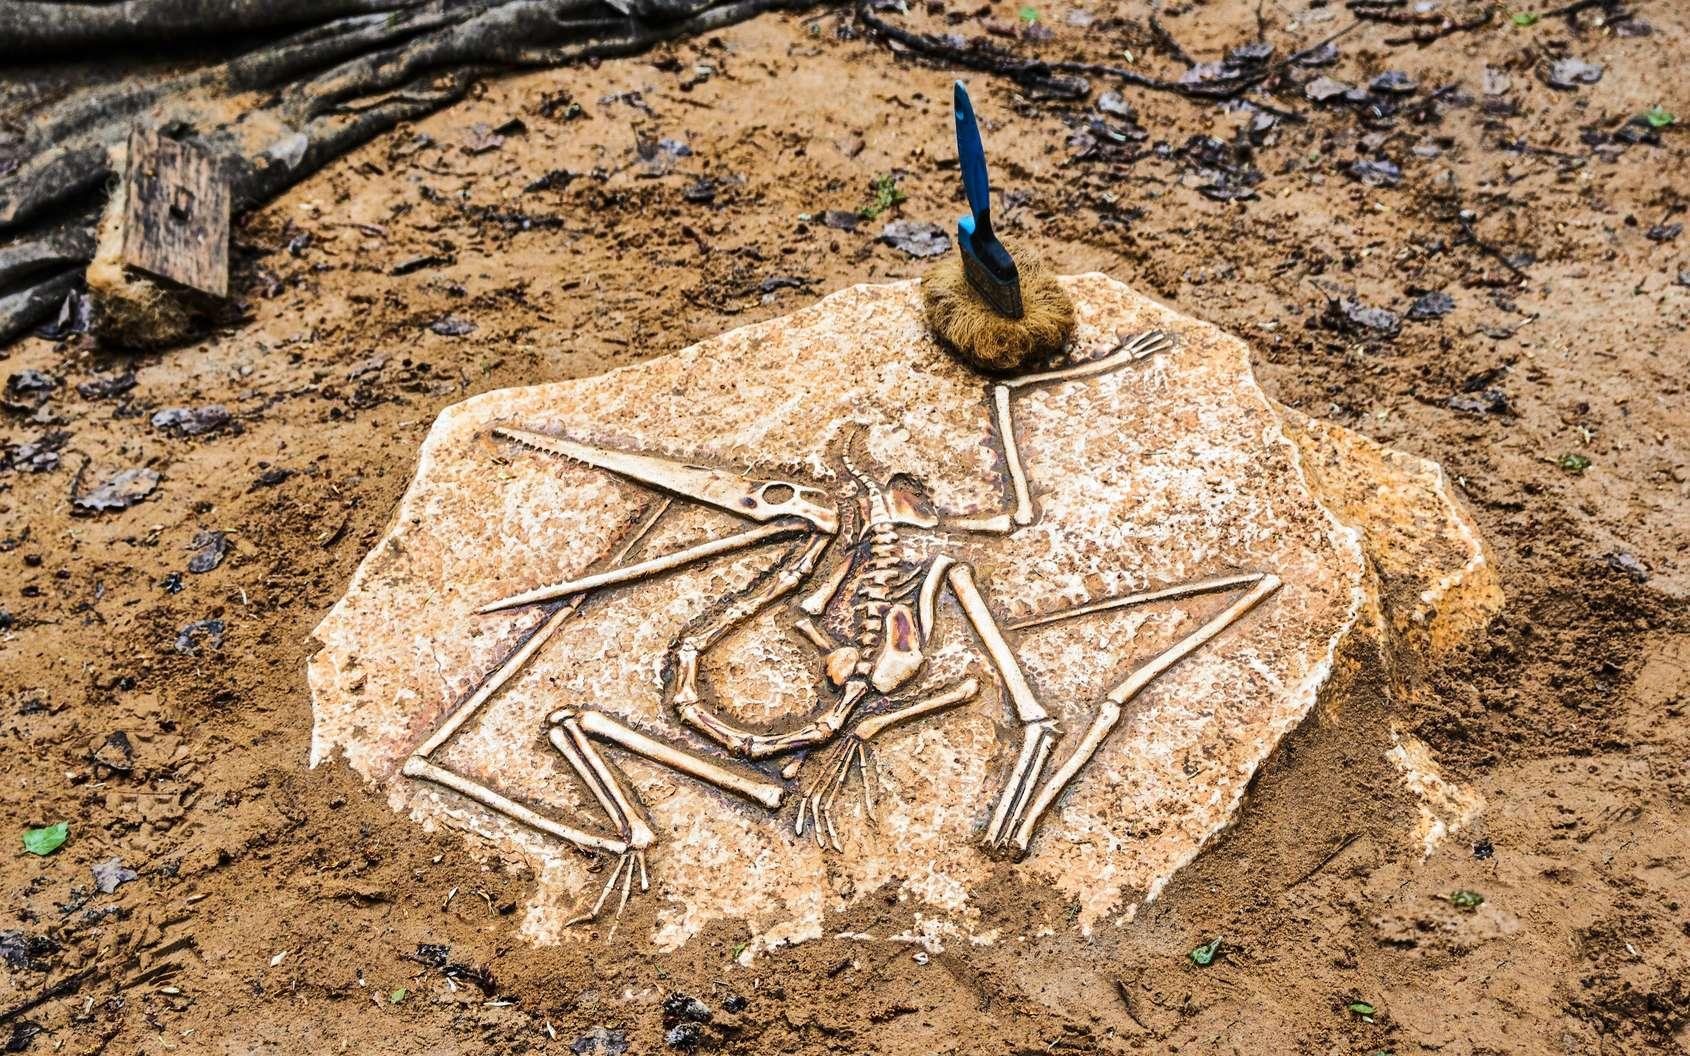 Les fossiles ont beaucoup à nous dire. Encore faut-il savoir les faire parler. © Maksim Shchur, Fotolia